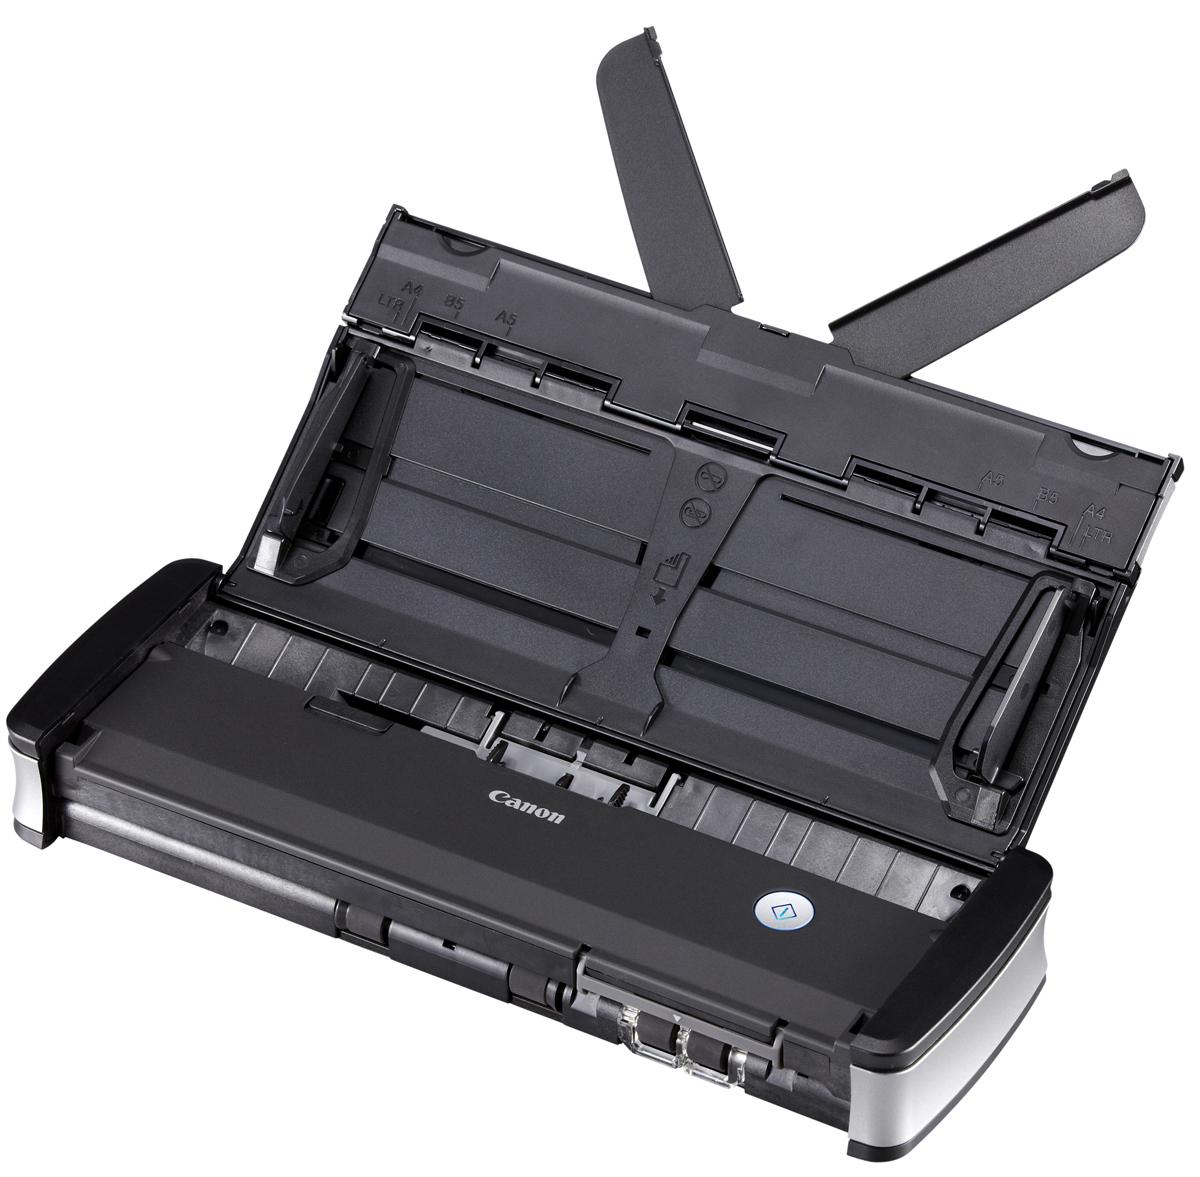 Canon P-215II (9705B003) сканер9705B003В офисе, дома или в движении — стильный сканер Canon P-215IIпредлагает удобство подхода plug-and-scan(включил и сканируй). Это самый быстрый из портативных сканеров со скоростью двустороннегосканирования до 30 изображений в минутуСканер Canon P-215II — самое производительное устройство в своем классе. Благодаря скоростидвустороннего сканирования до 30 изображений в минуту (с питанием от USB-кабеля) и устройствуавтоматической подачи документов на 20 листов пользователи могут быстро сканировать документы в офисе,дома или во время поездки. Сканер P-215II отличается мощной и надежной конструкцией, которая позволяетобрабатывать до 500 документов в день.Благодаря продуманной компактной конструкции сверхлегкий сканер P-215II идеально подходит дляиспользования как в поездках, так и в офисе. Он занимает небольшую площадь и без проблем умещается вдорожных футлярах и на очень ограниченной поверхности рабочих столов. Настоящий plug-and-scan (включил исканируй) возможен при простом подключении сканера к любому ПК или Mac. Уникальное встроенное ПОCanon CaptureOnTouch Lite всегда готово к работе — ни драйвер, ни приложения устанавливать не нужно.Потребности сканирования удостоверений личности для обеспечения безопасности растут, поэтому P-215IIтеперь оснащен собственным слотом для сканирования удостоверений. Продуманный механизм обратнойподачи гарантирует быстрое сканирование удостоверений и тисненых карточек.Усовершенствованная технология обеспечивает высокоточное сканирование вплоть до 600 точек на дюйм.Богатый выбор функций обработки изображения, таких как автоматическое определение цвета иавтоматическое распознавание ориентации текста, гарантирует превосходное качество сканирования,которое идеально подходит для создания PDF-файлов с поддержкой поиска в тексте на основе оптическогораспознавания символов.Canon P-215II использует ISIS- и TWAIN-драйверы для обеспечения простой интеграции со всеми стандартнымиприложениями для работы с изображе